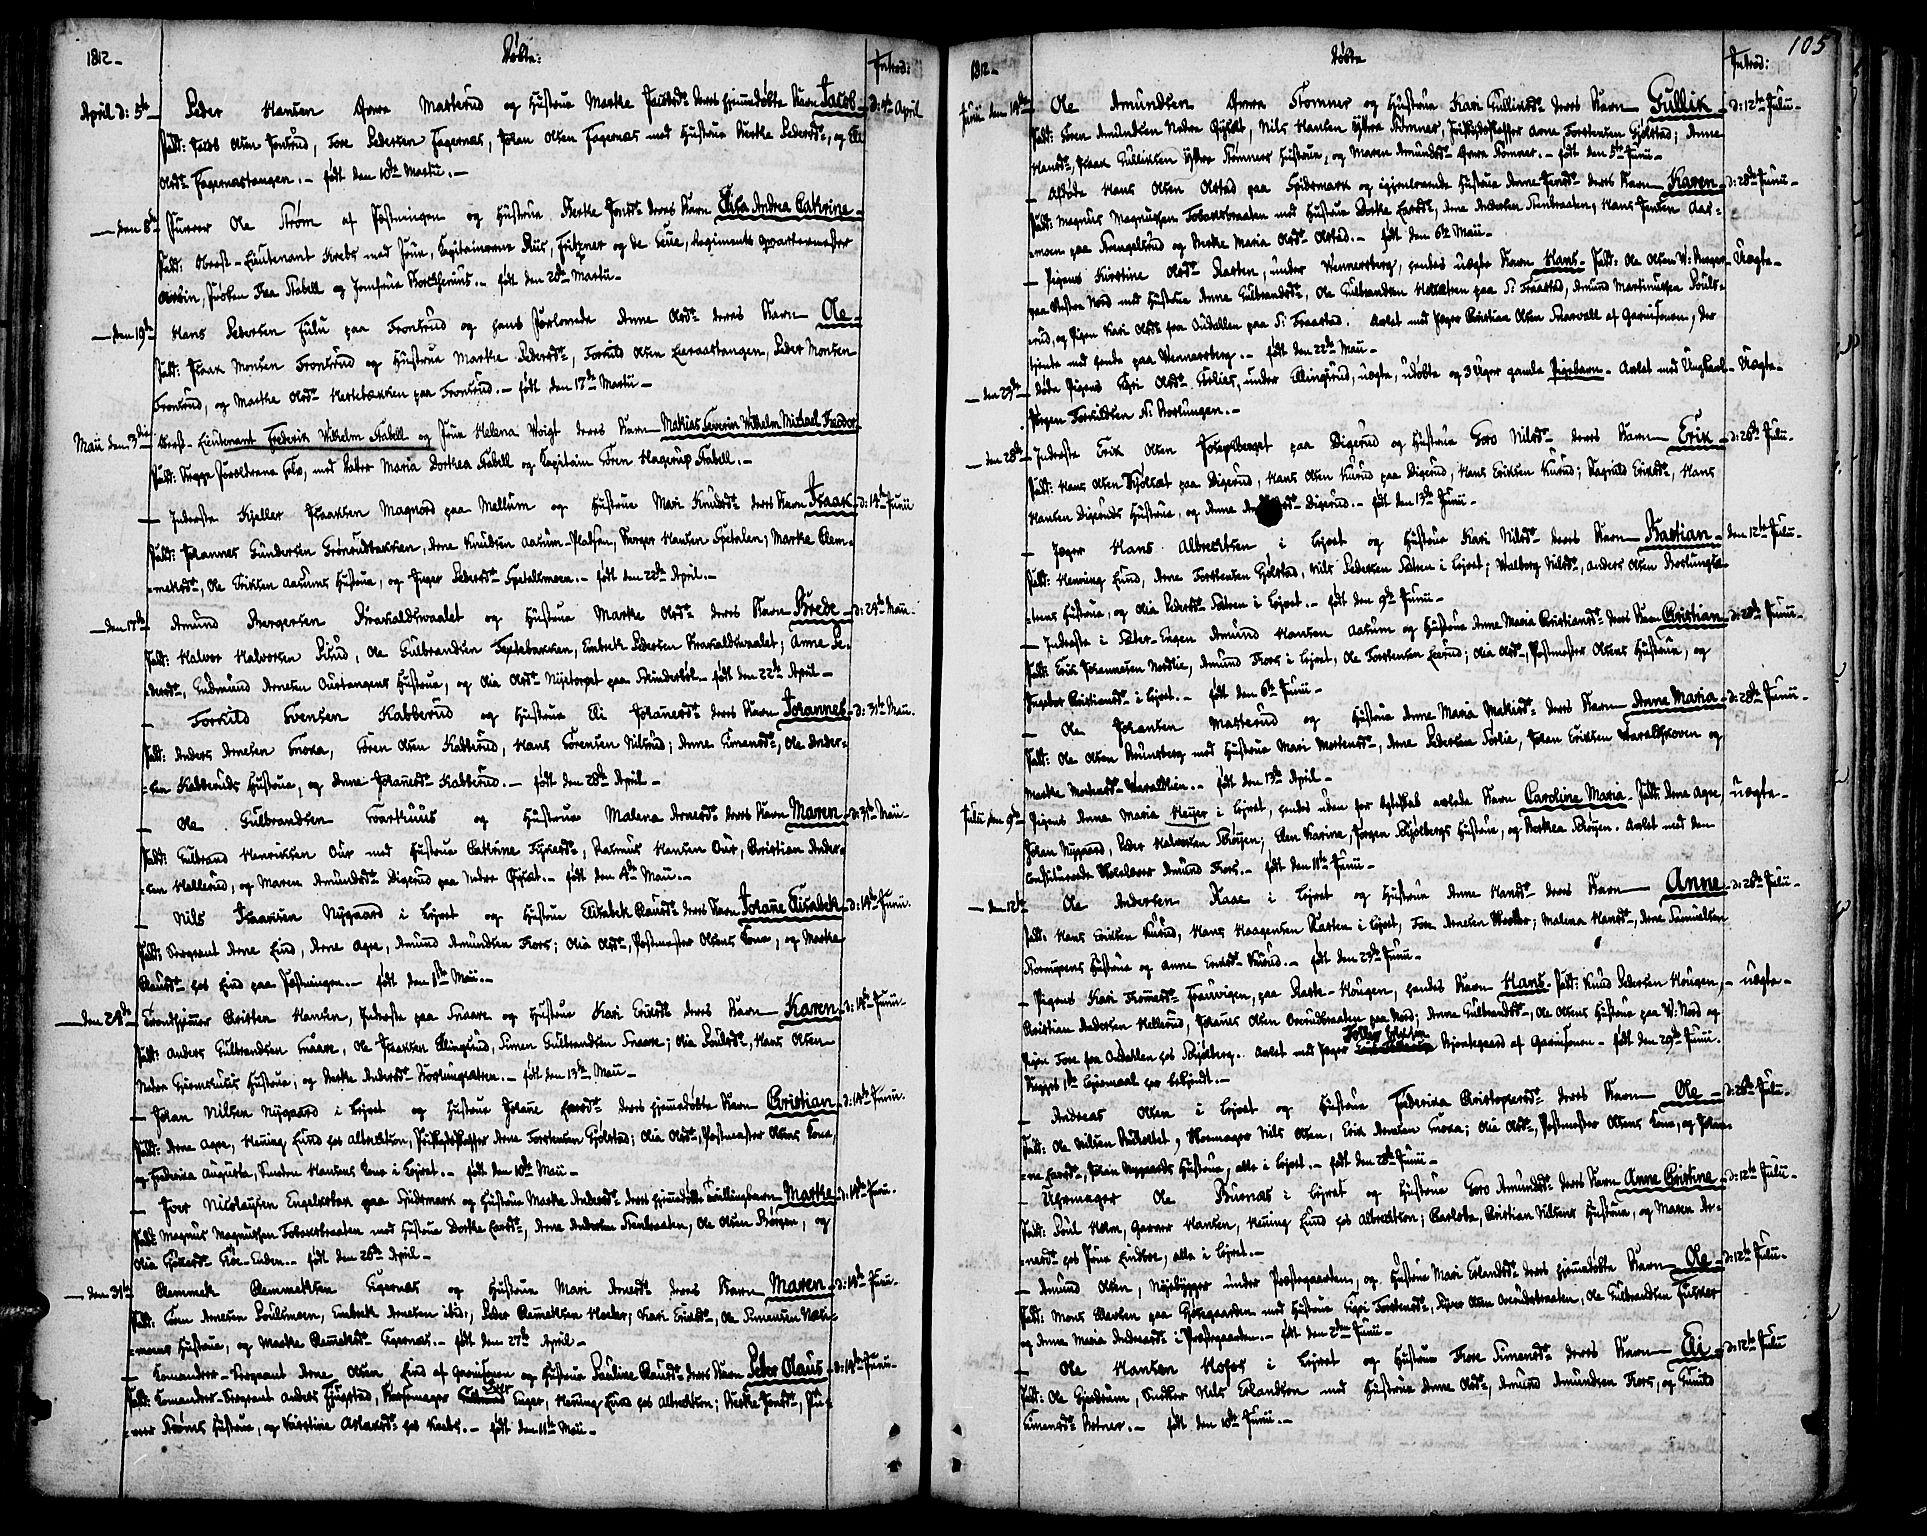 SAH, Vinger prestekontor, Ministerialbok nr. 5, 1772-1813, s. 105